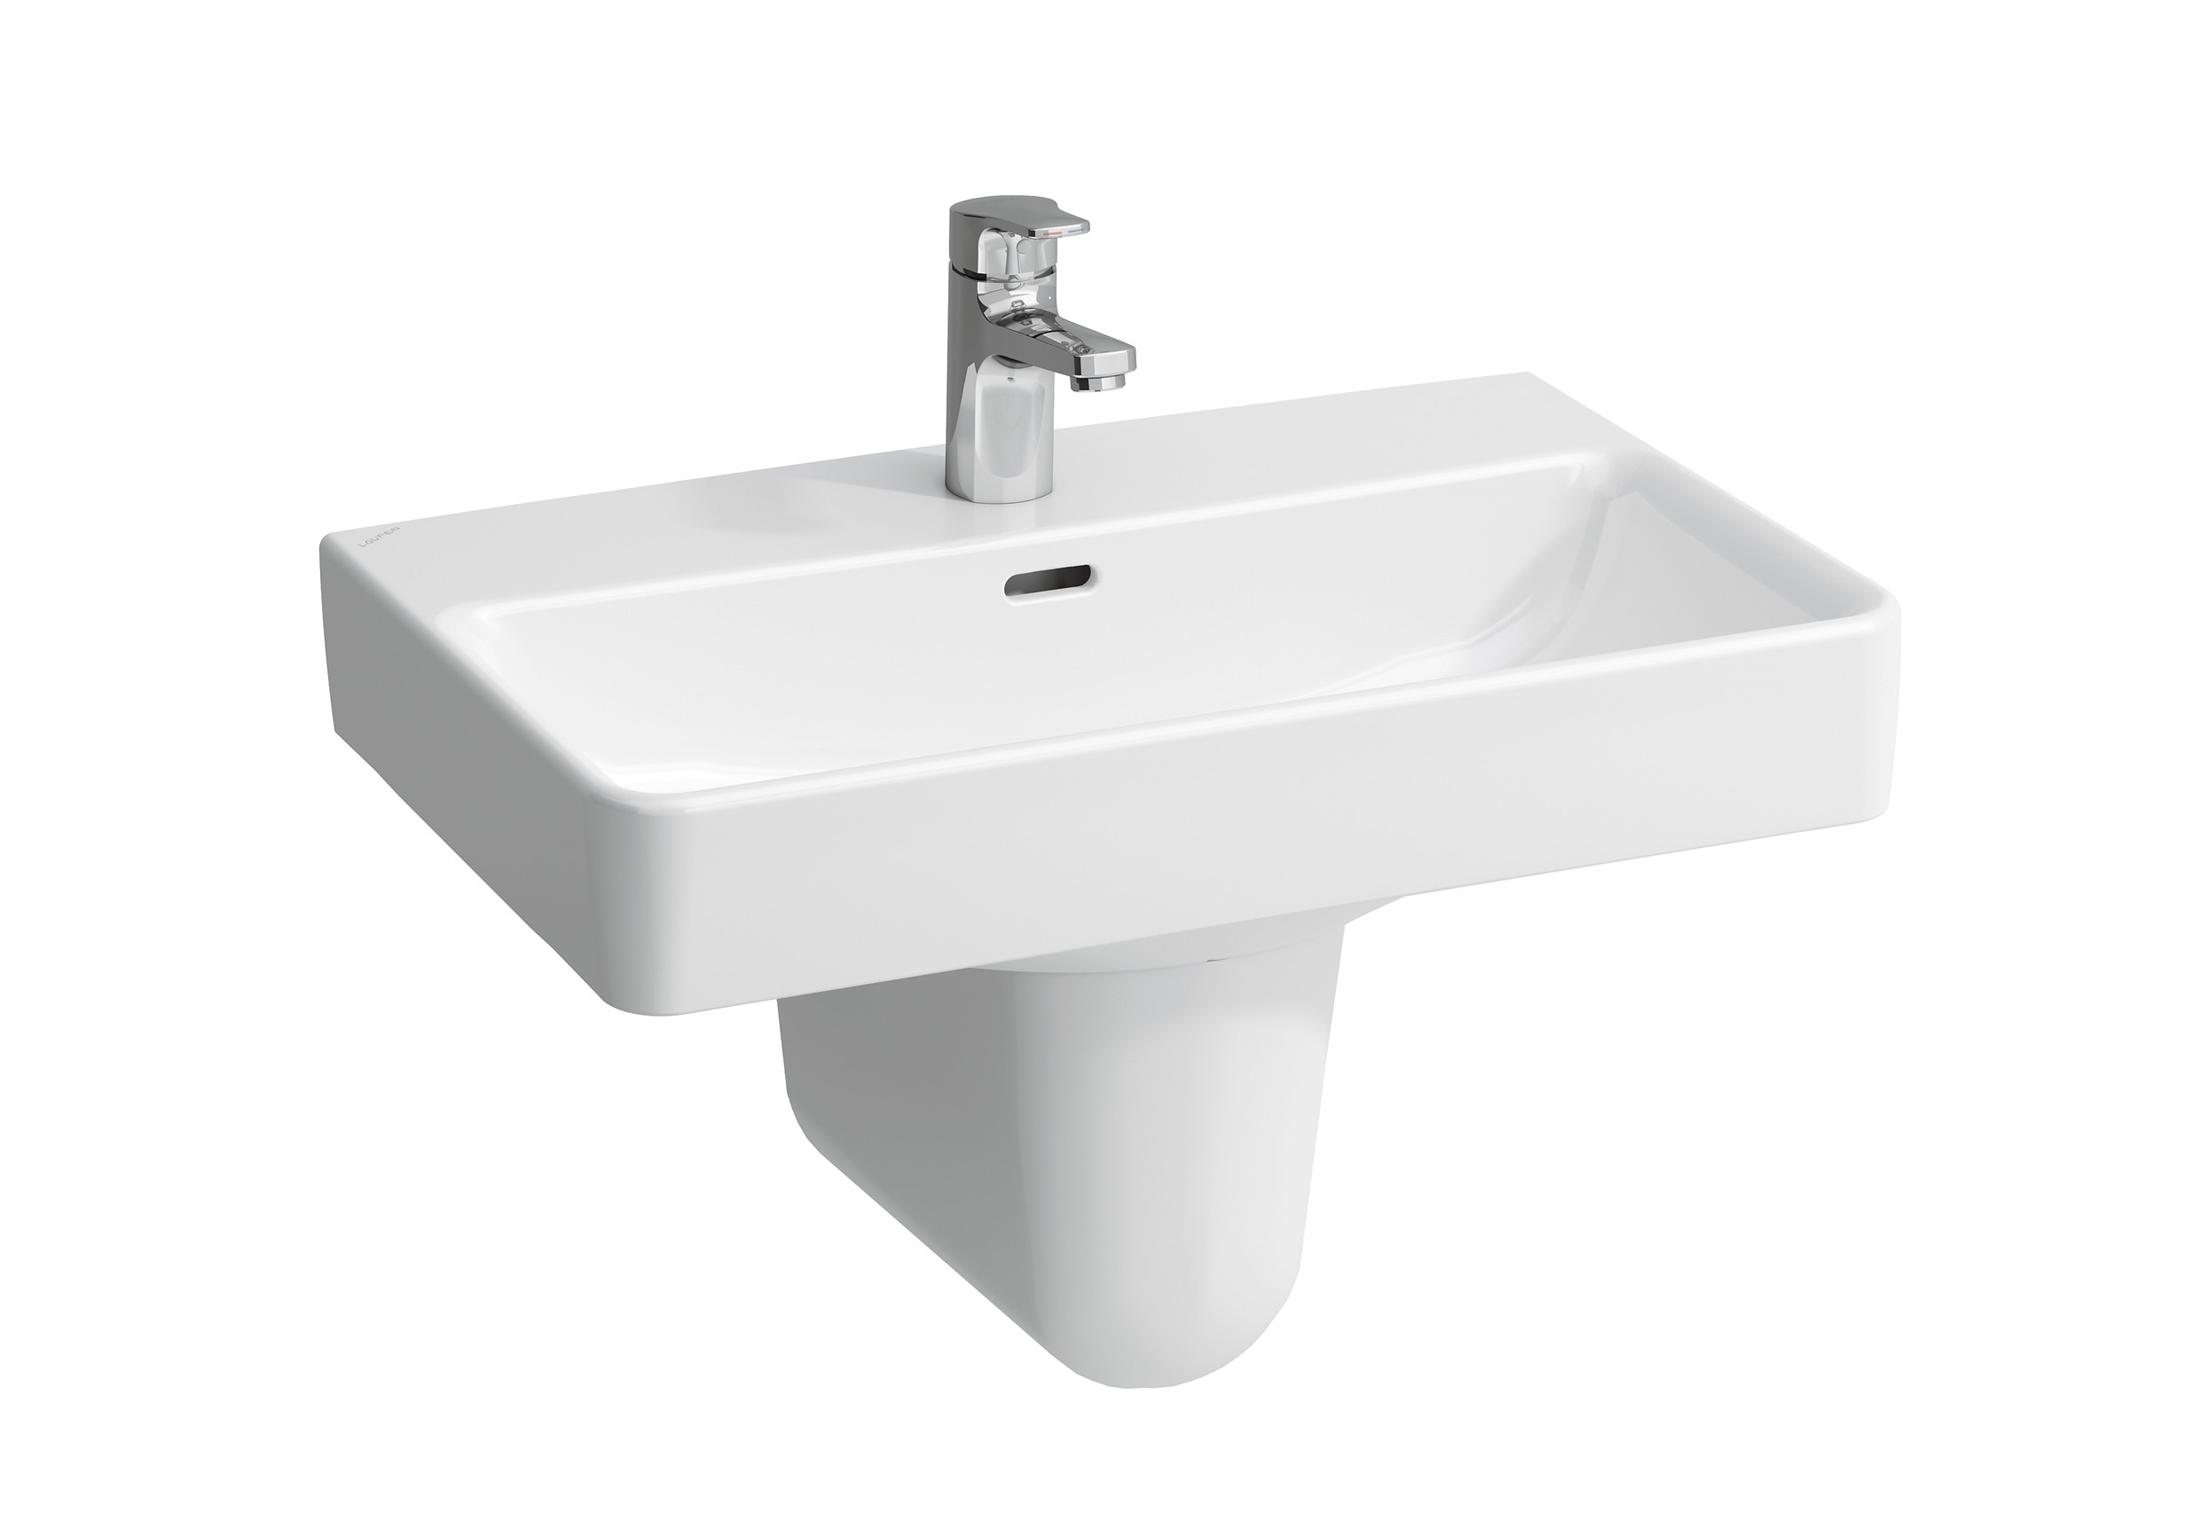 laufen pro s waschtisch mit s ule von laufen stylepark. Black Bedroom Furniture Sets. Home Design Ideas